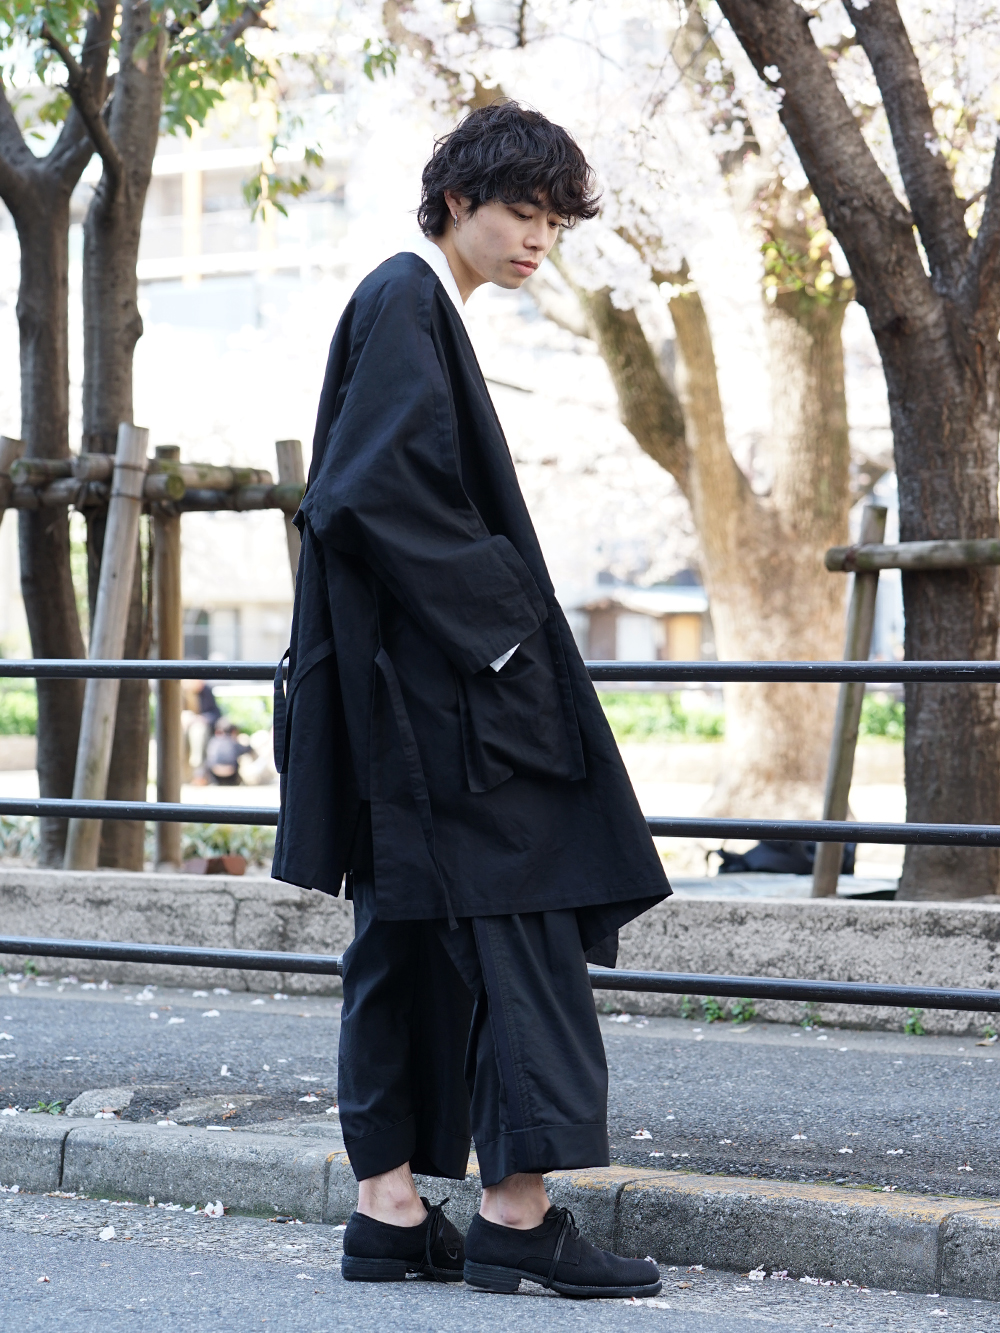 ZIGGY CHEN x B Yohji Yamamoto Japonism Style - 1-002